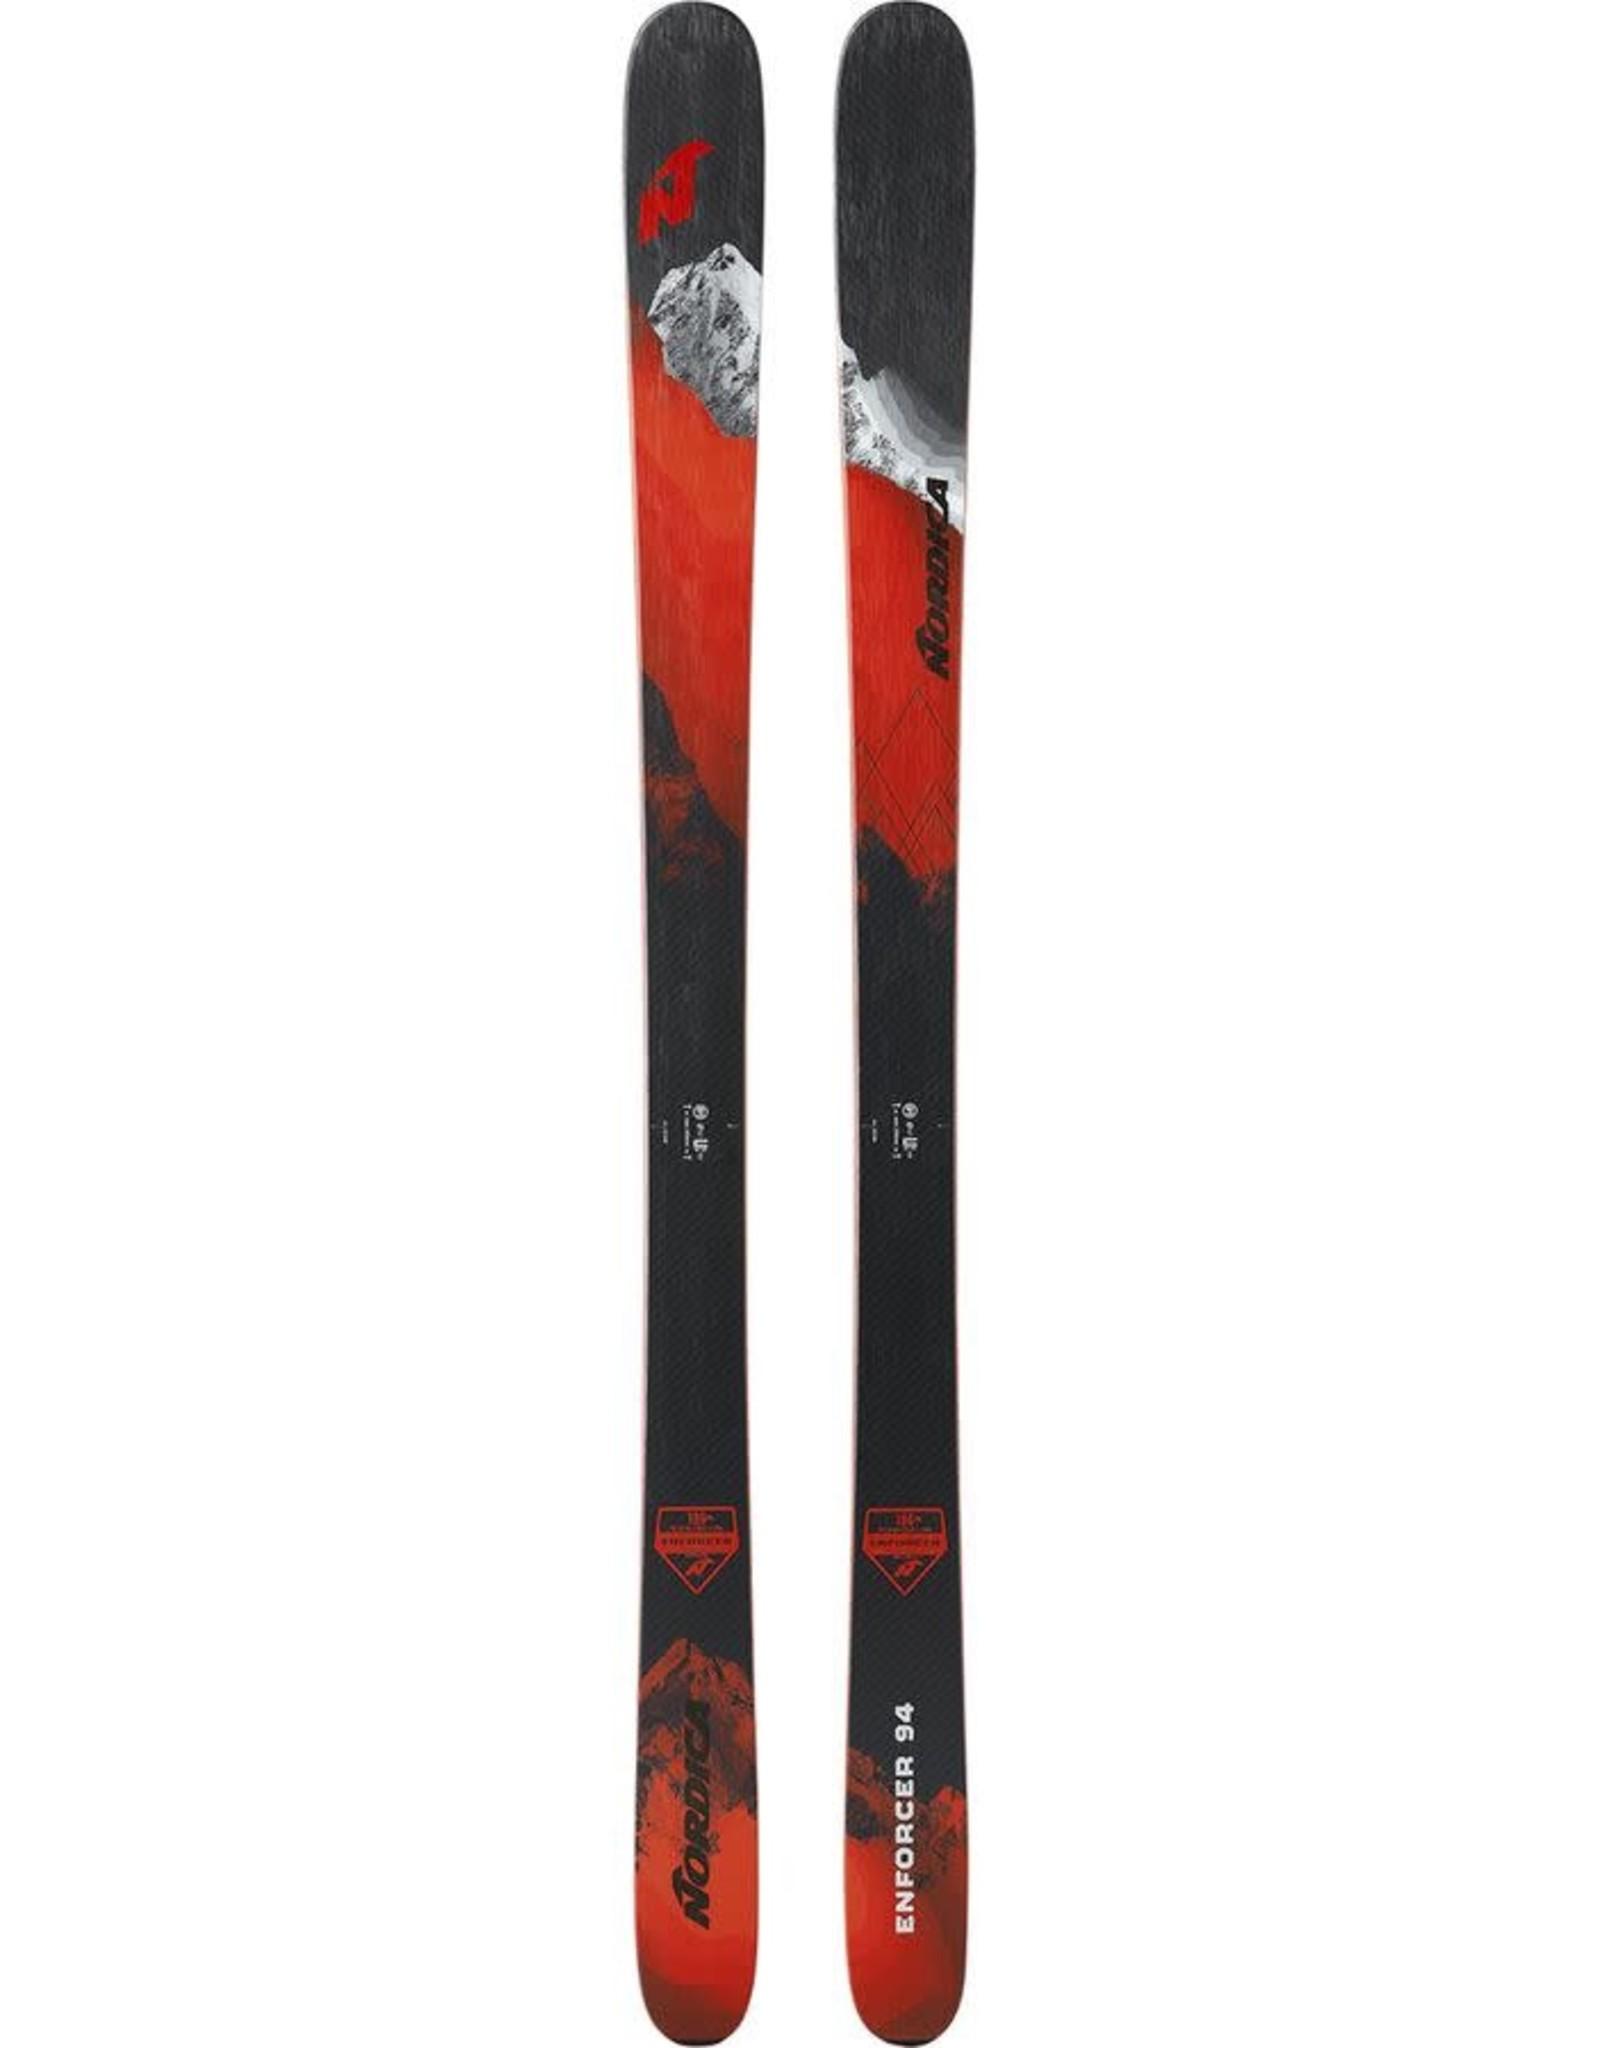 NORDICA NORDICA Skis ENFORCER 94 (20/21)